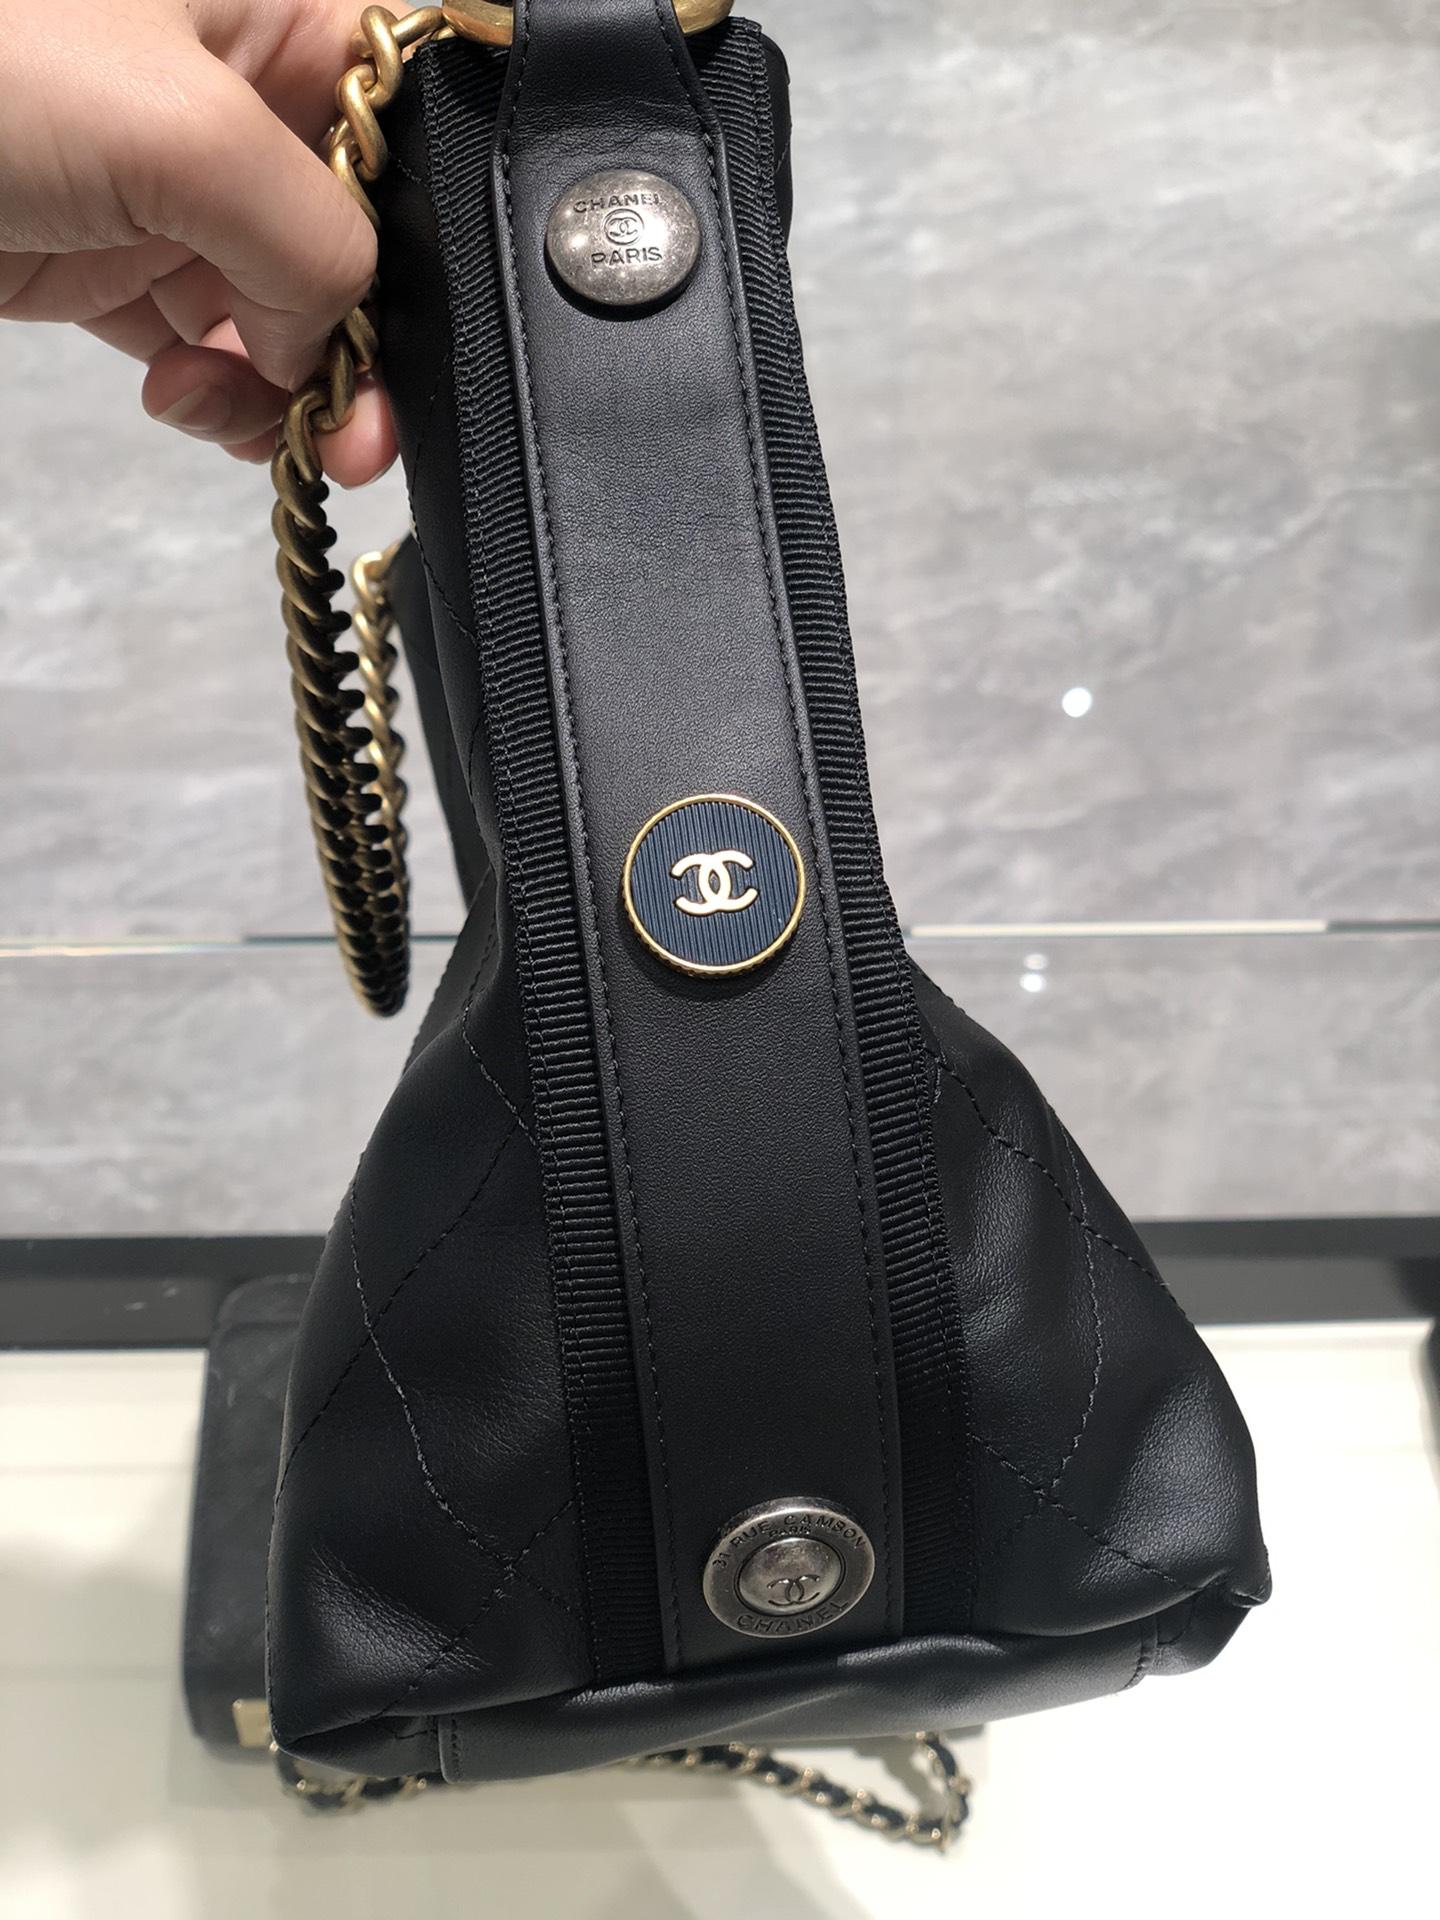 香奈儿 Chanel 嬉皮包 休闲百搭 日常出行选它没错啦 容量超赞